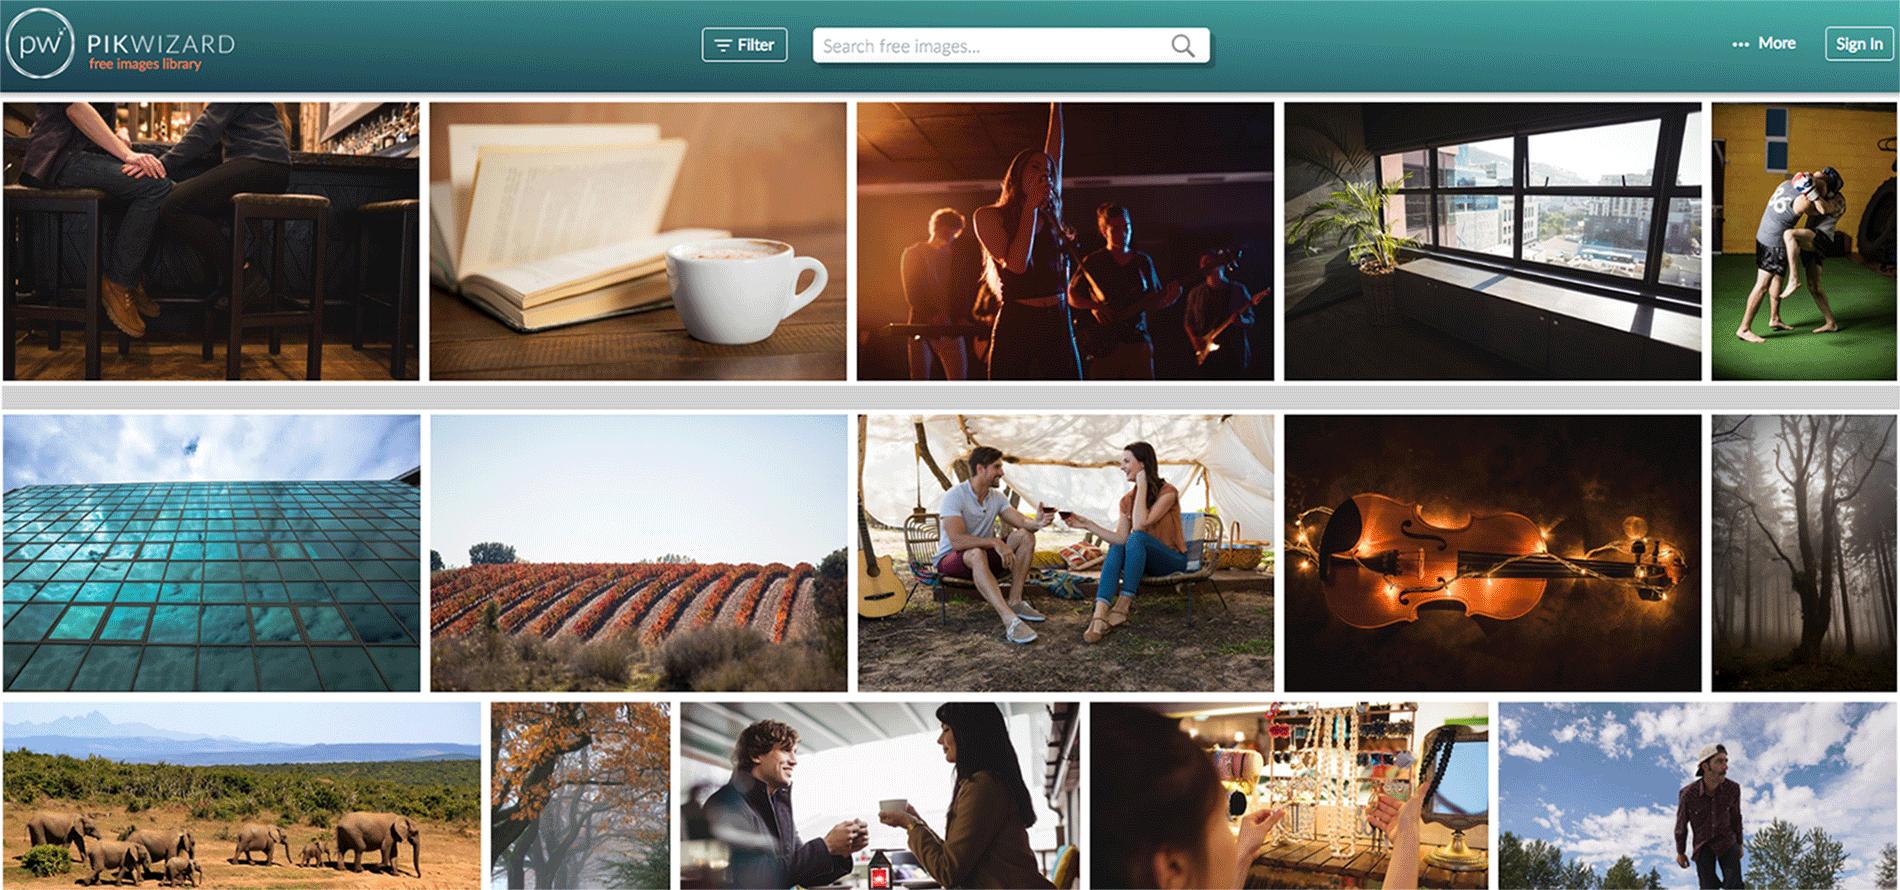 pikwizard, bancos de imagens, melhores bancos de imagens, imagens